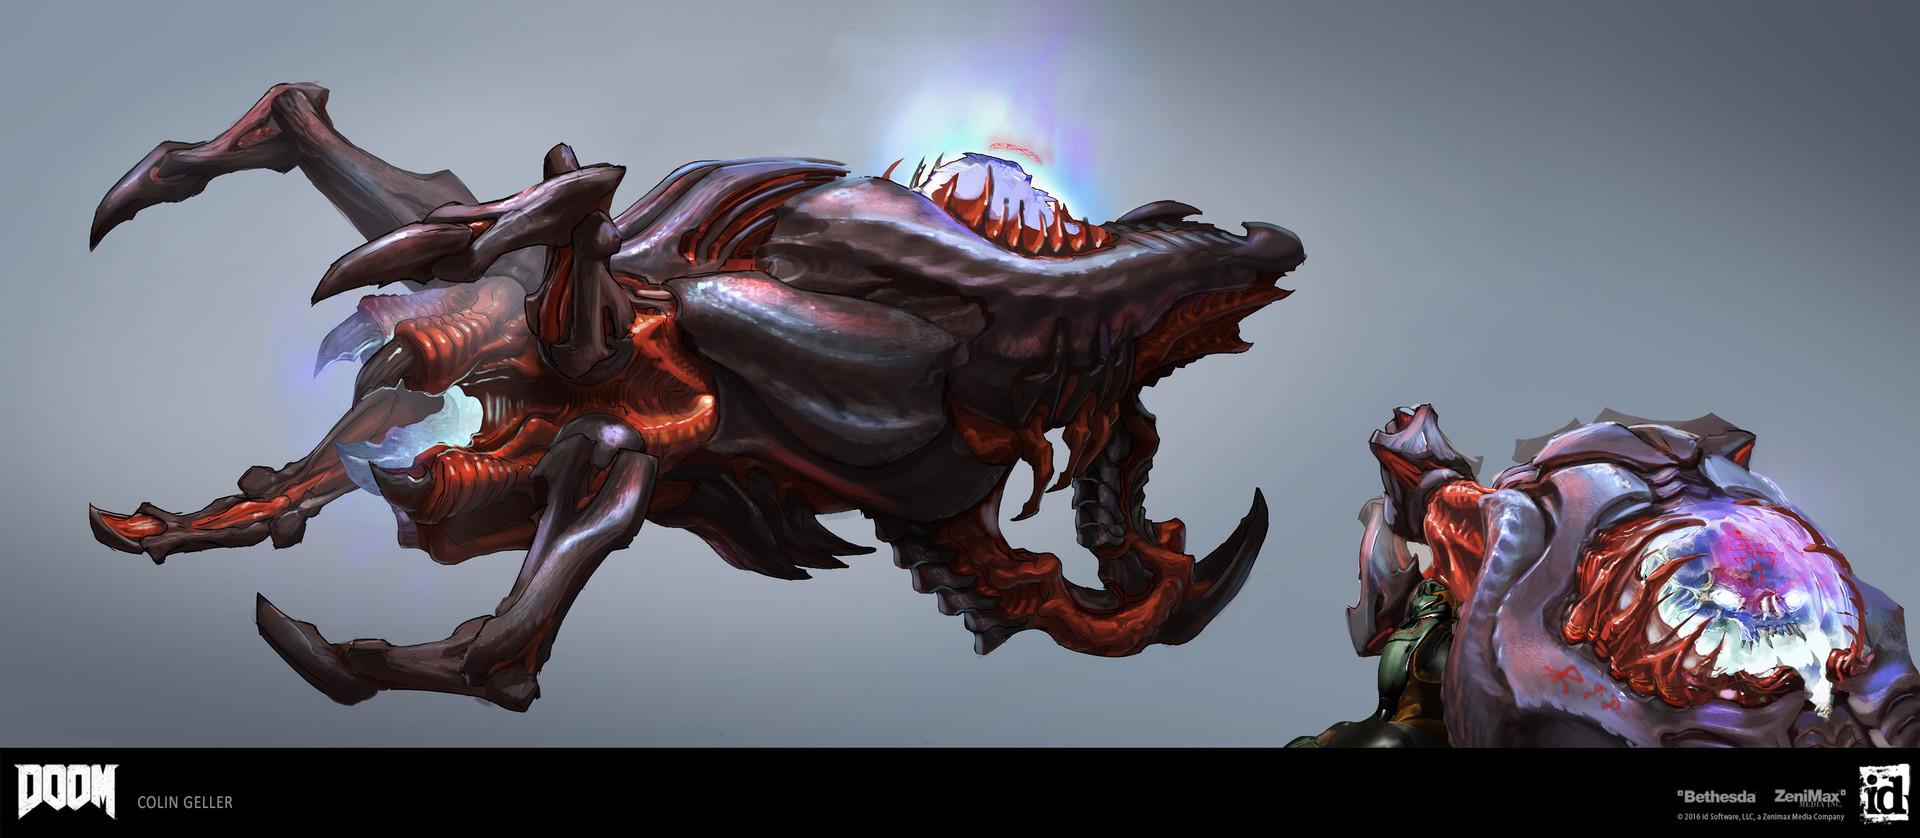 ArtStation - DOOM - Reaper DLC Weapon, Colin Geller